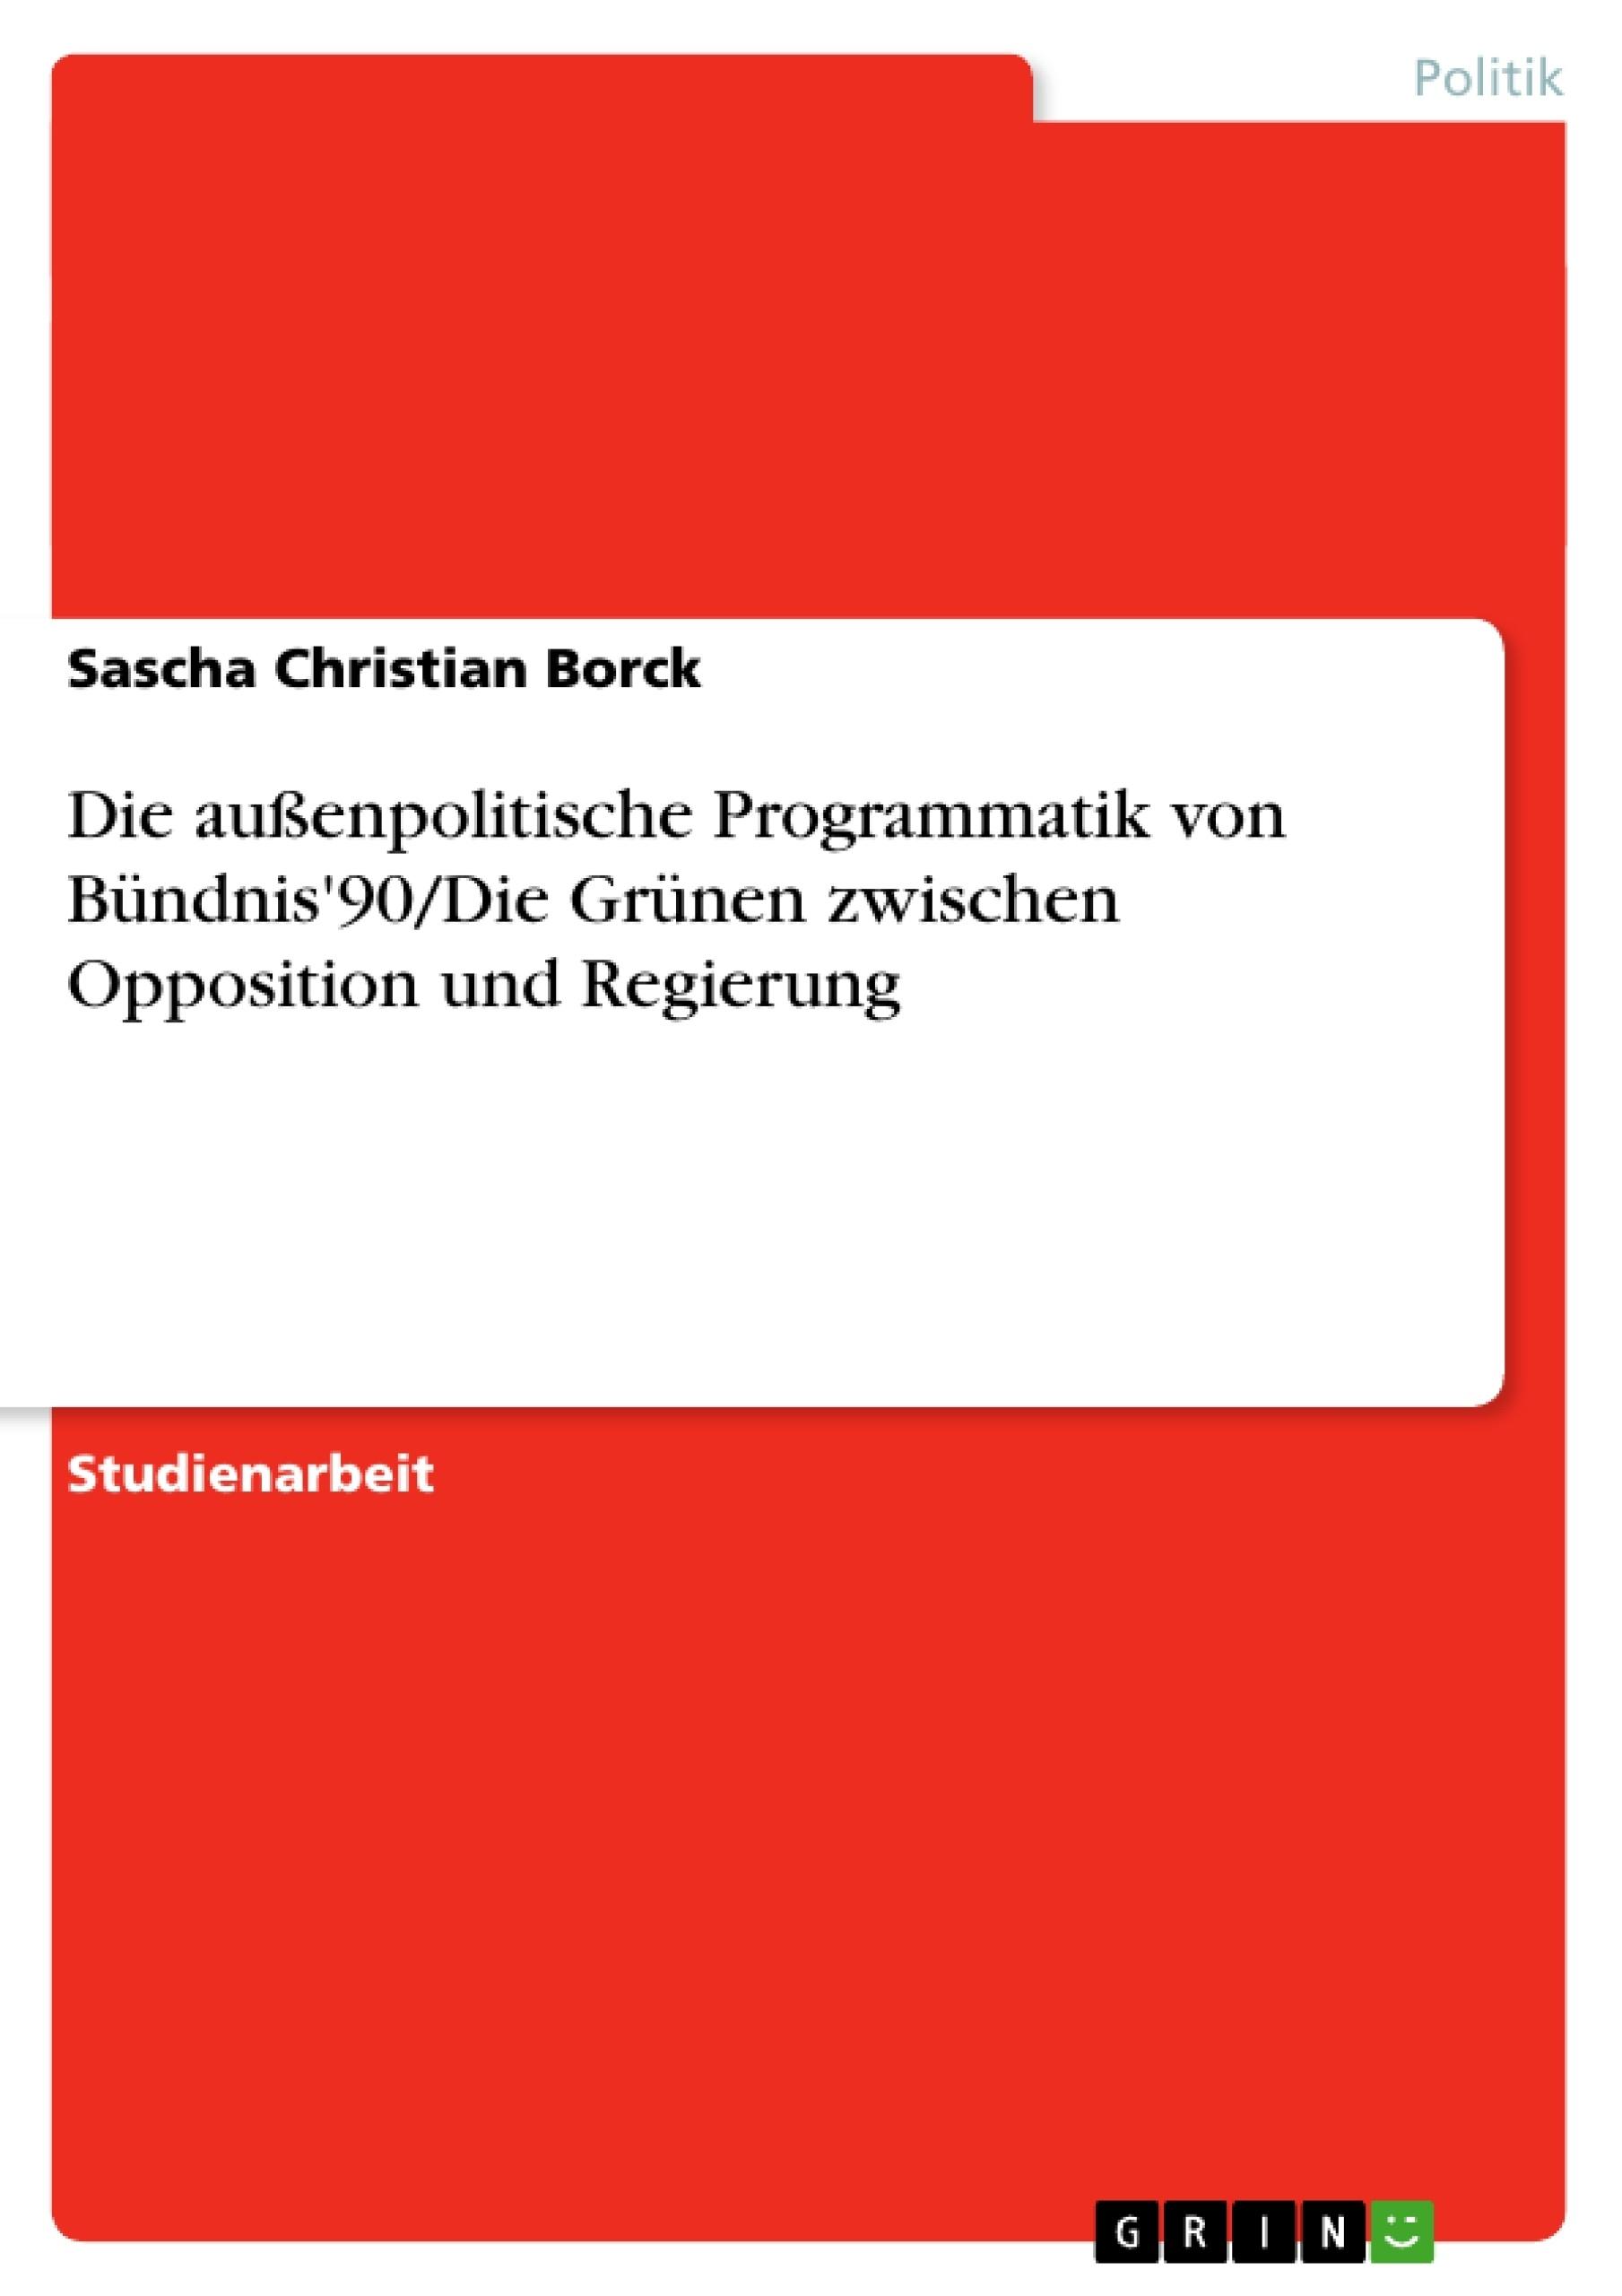 Titel: Die außenpolitische Programmatik von Bündnis'90/Die Grünen zwischen Opposition und Regierung